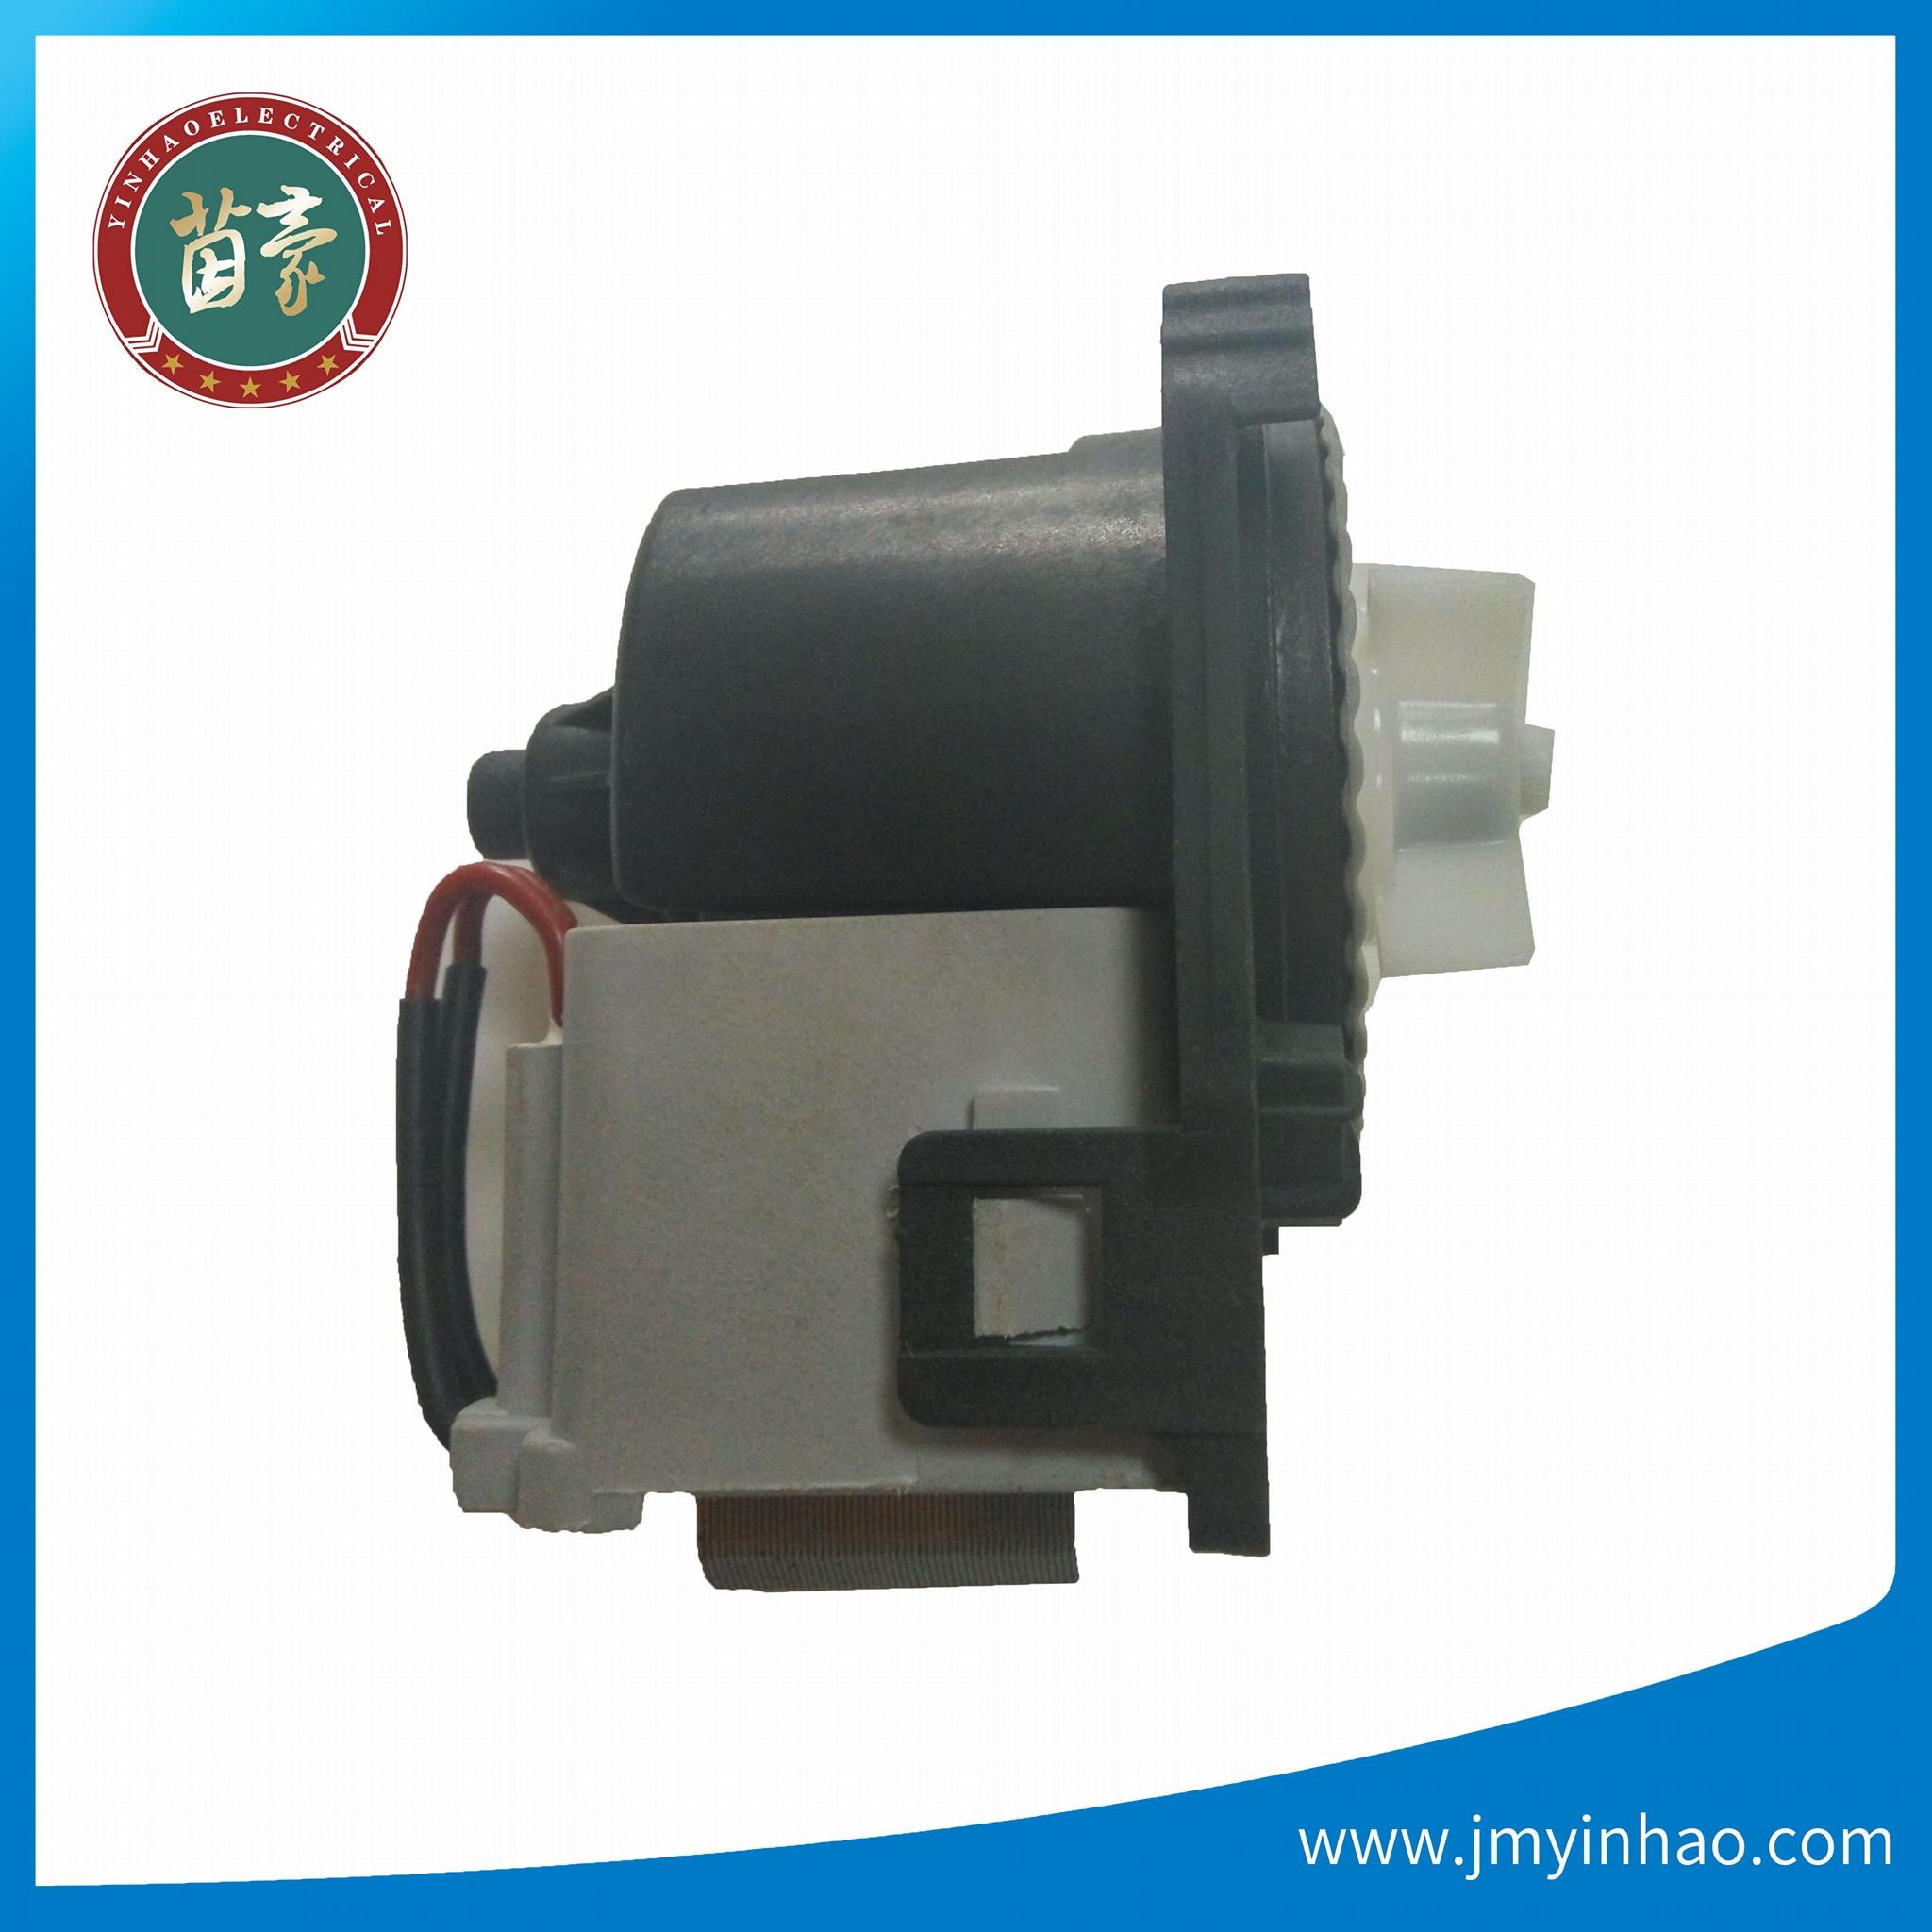 果蔬机排水泵/果蔬机排水电机 2